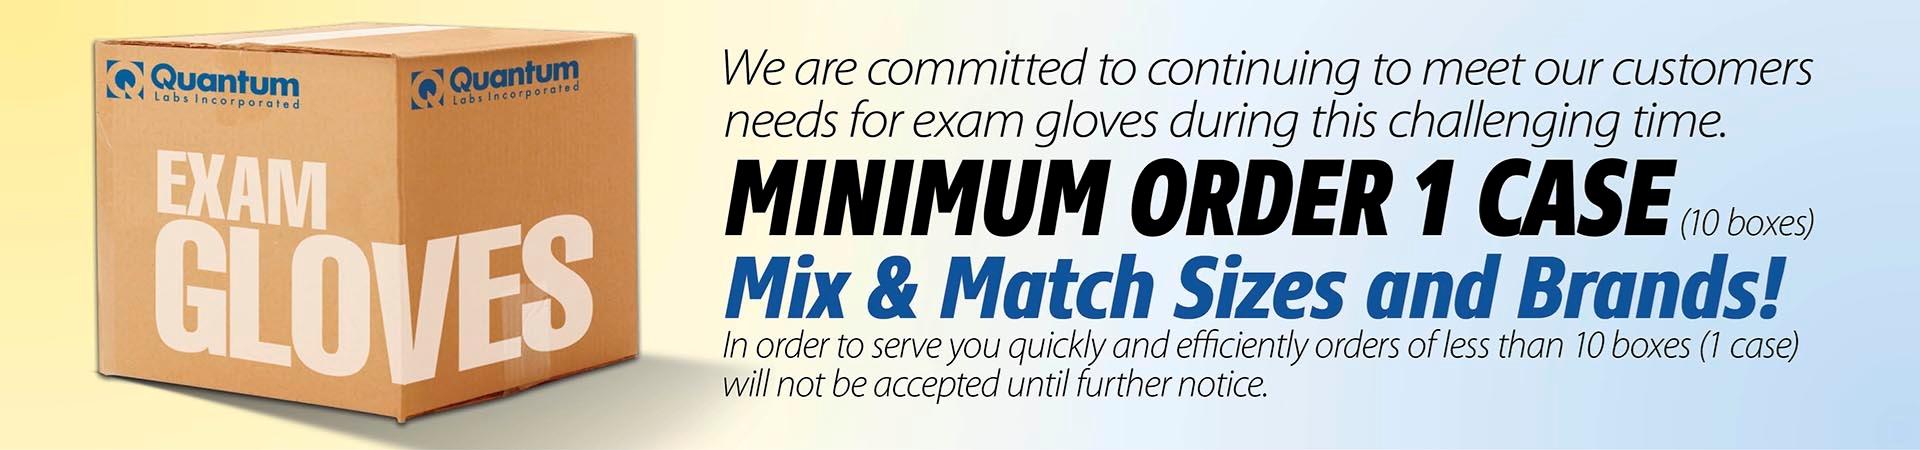 case minimum exam gloves